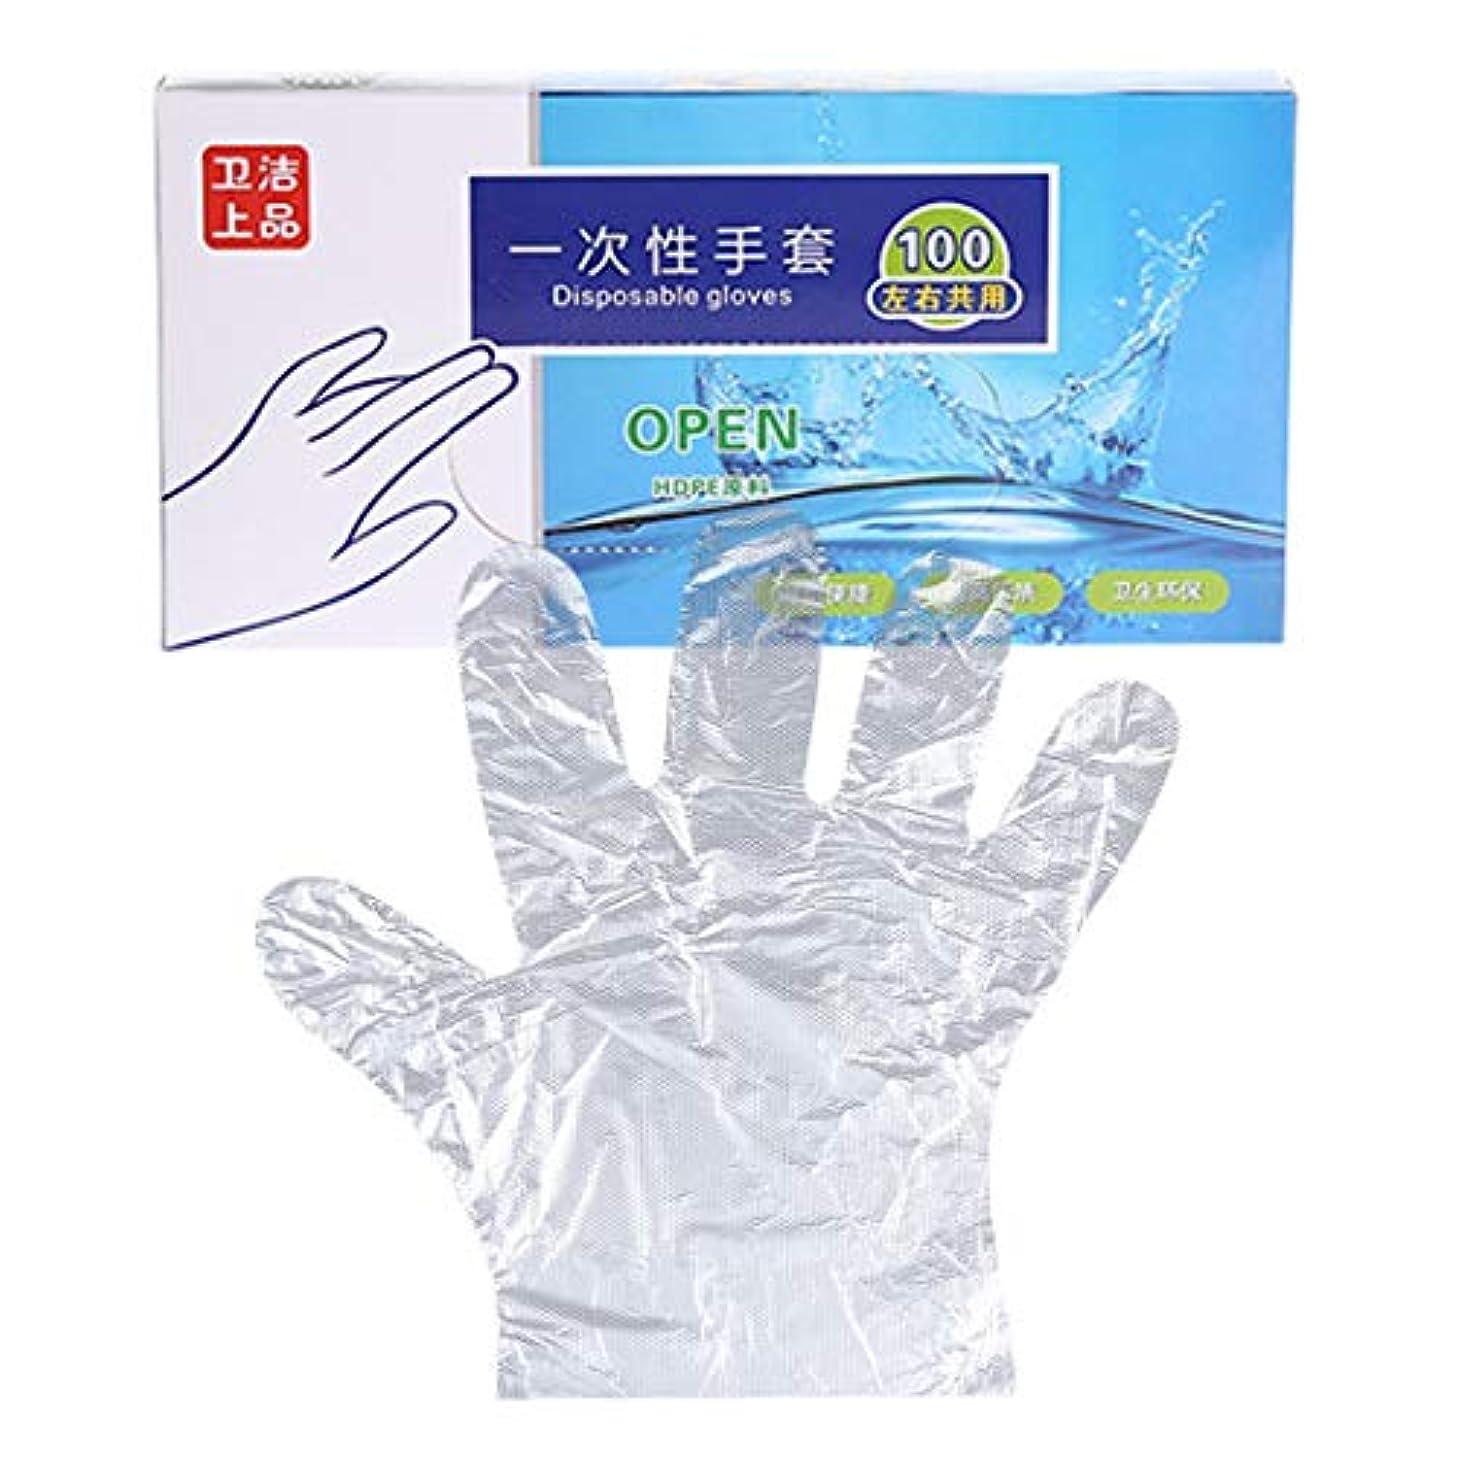 感謝粗い退屈なPinji 使い捨て手袋 100本入 透明 フリーサイズ グローブ ポリエチレン手袋 左右兼用 ポリエチレン PE 実用 衛生 調理 清掃 染髪